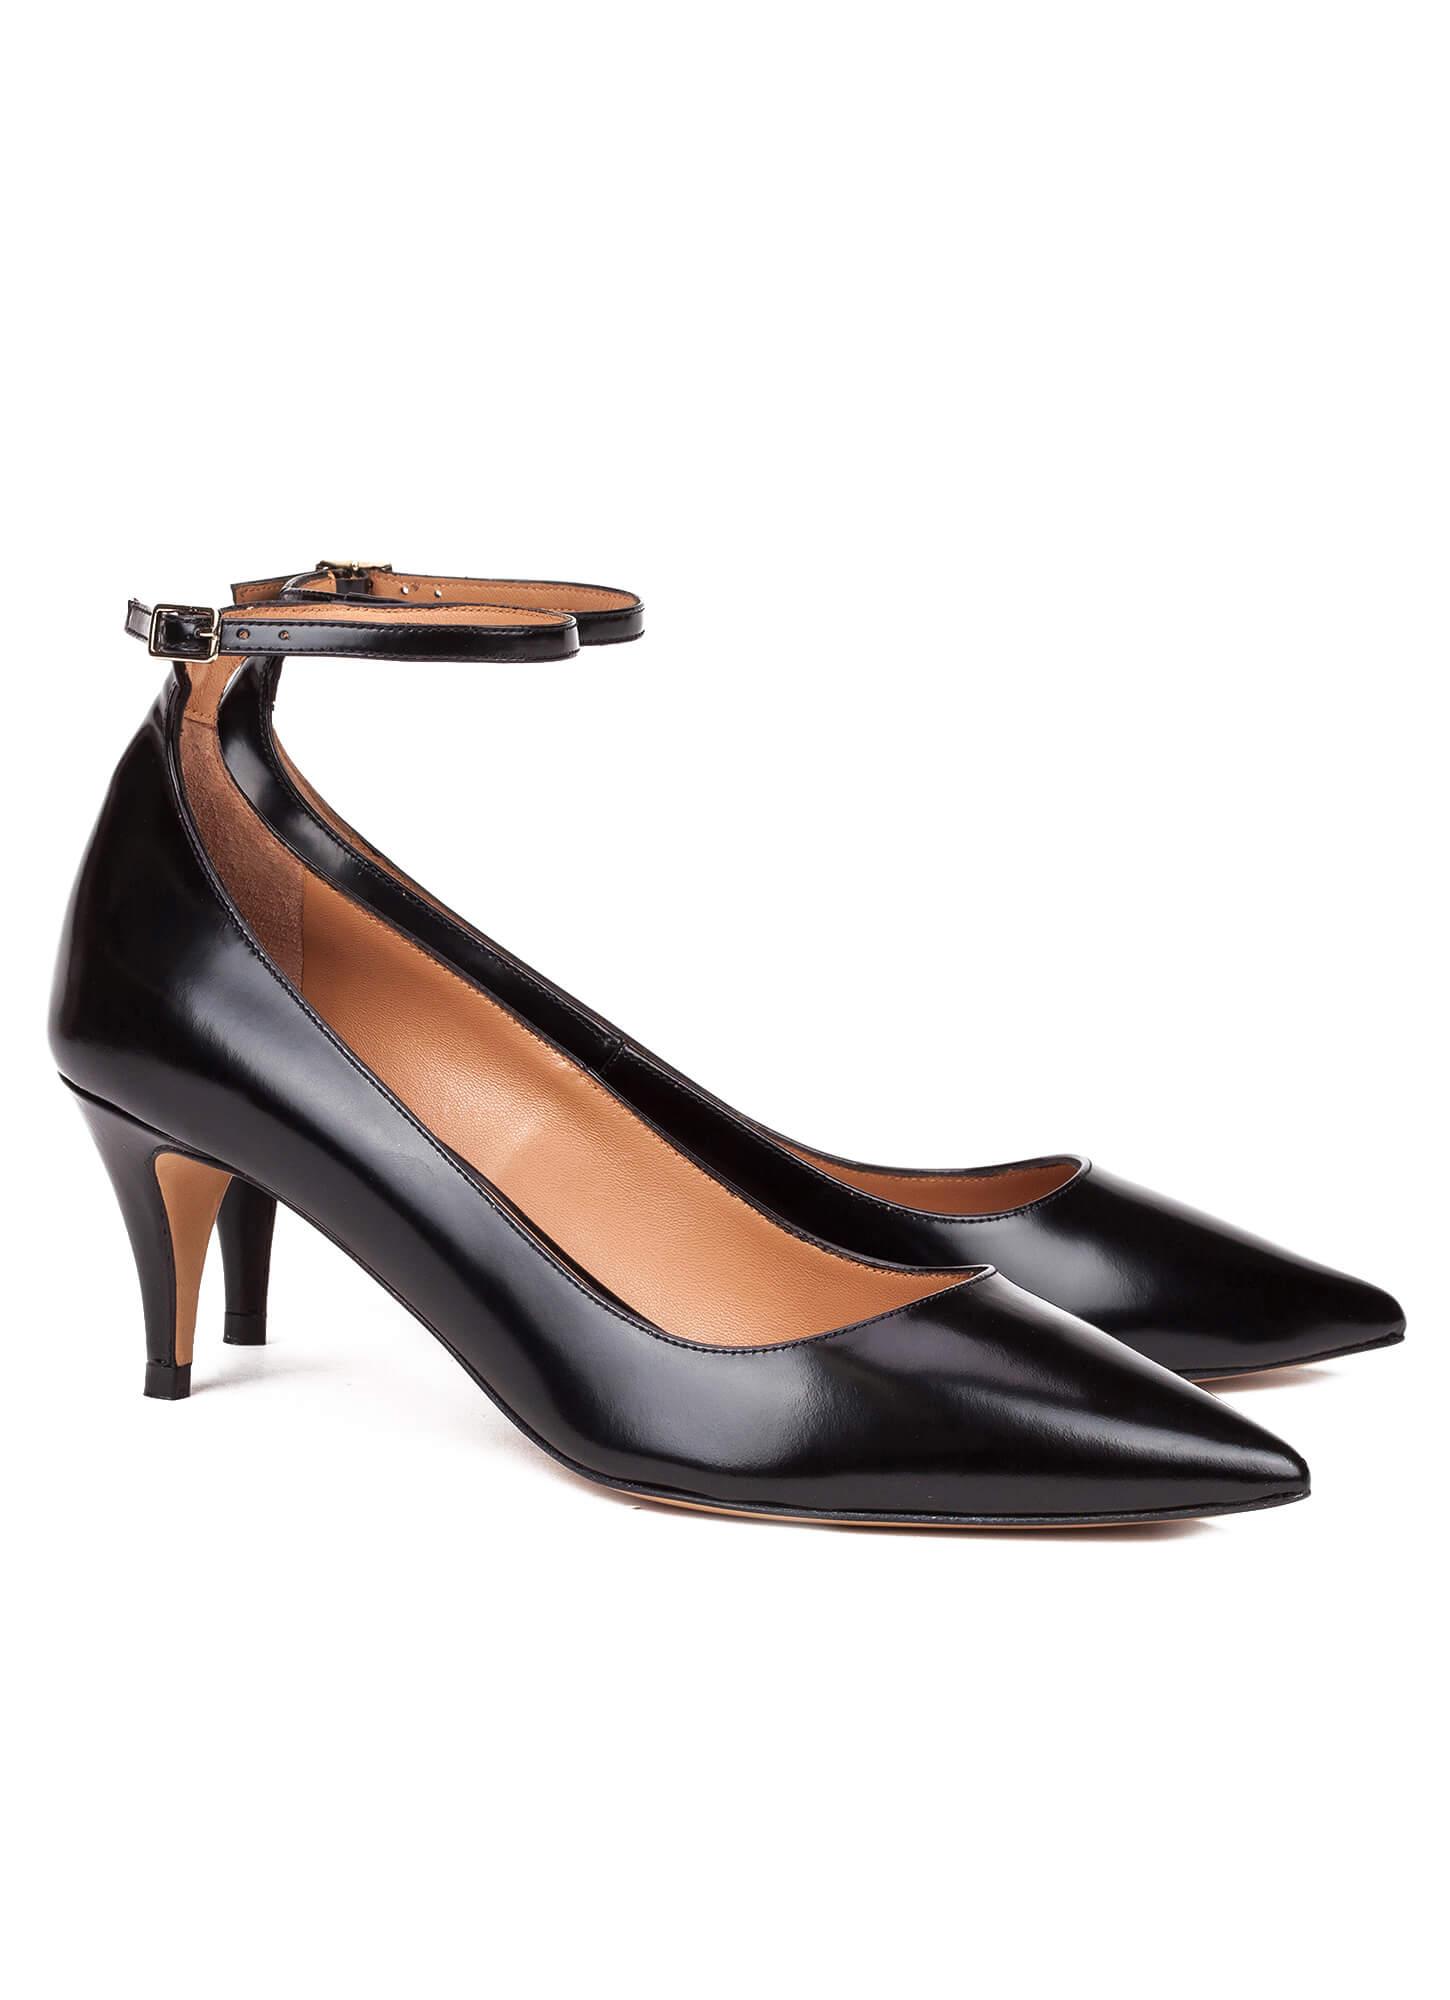 86e04e27352 Black ankle strap mid heel pumps - online shoe store Pura Lopez ...